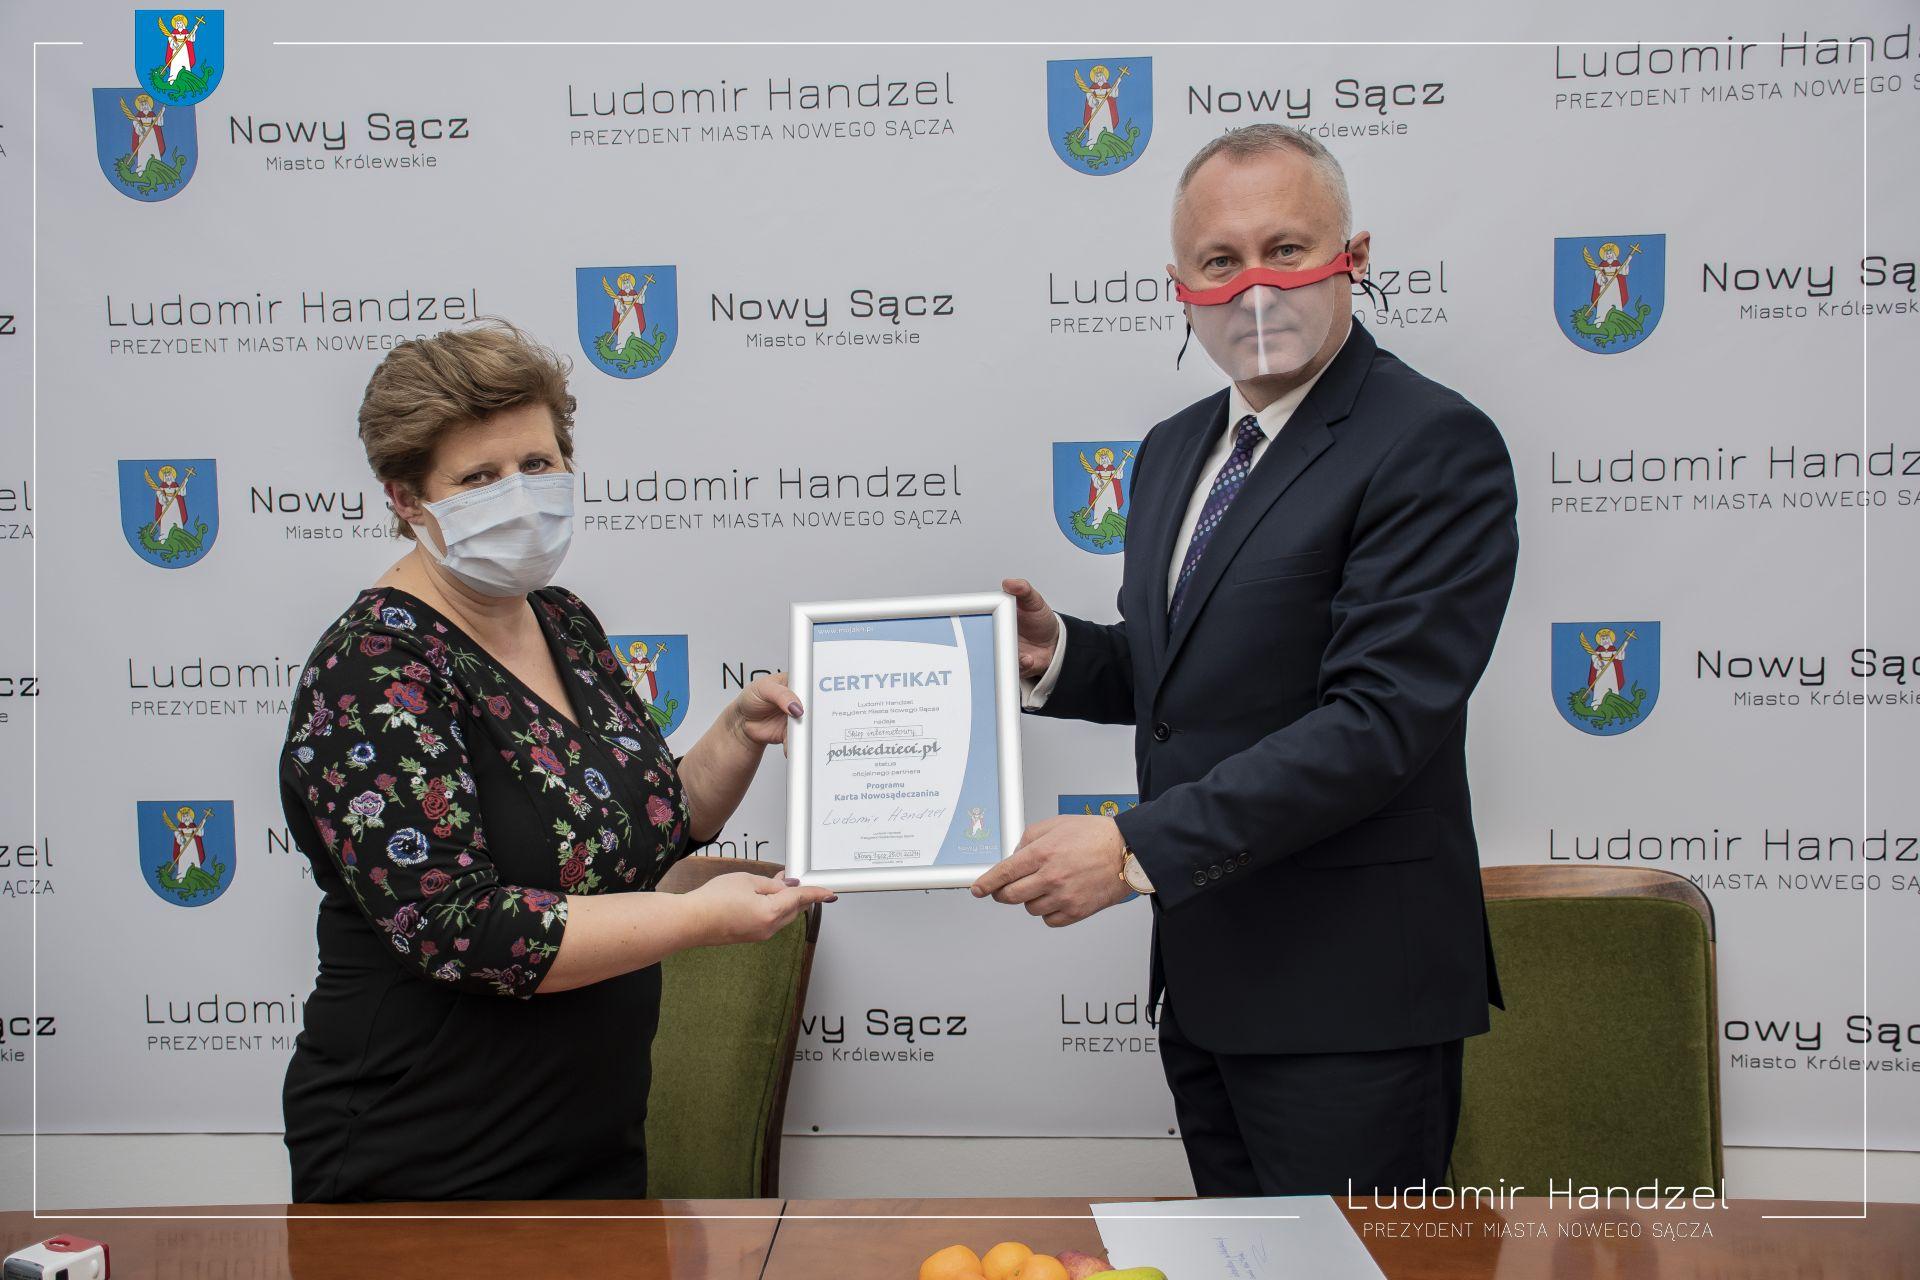 ?Sklep internetowy polskiedzieci.pl (Consalia Alina Poręba) – partnerem Karty Nowosądeczanina ?